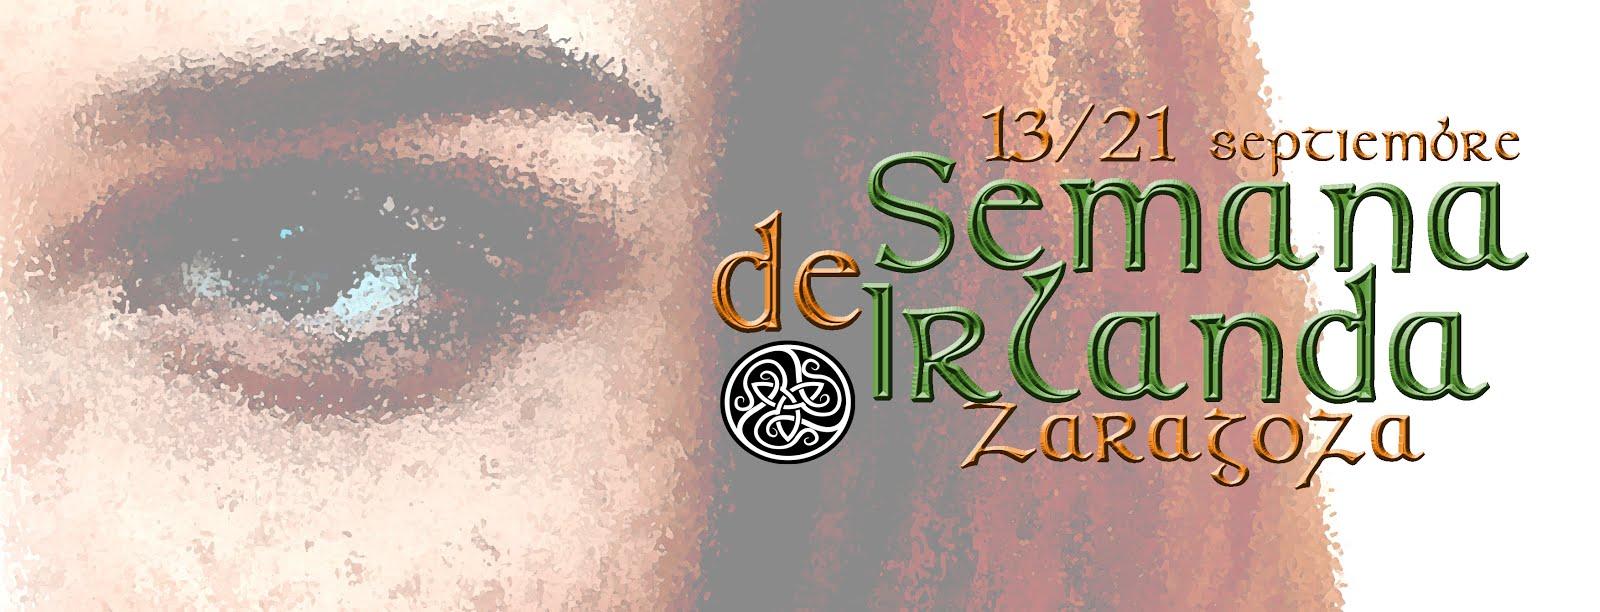 Semana de Irlanda de Zaragoza